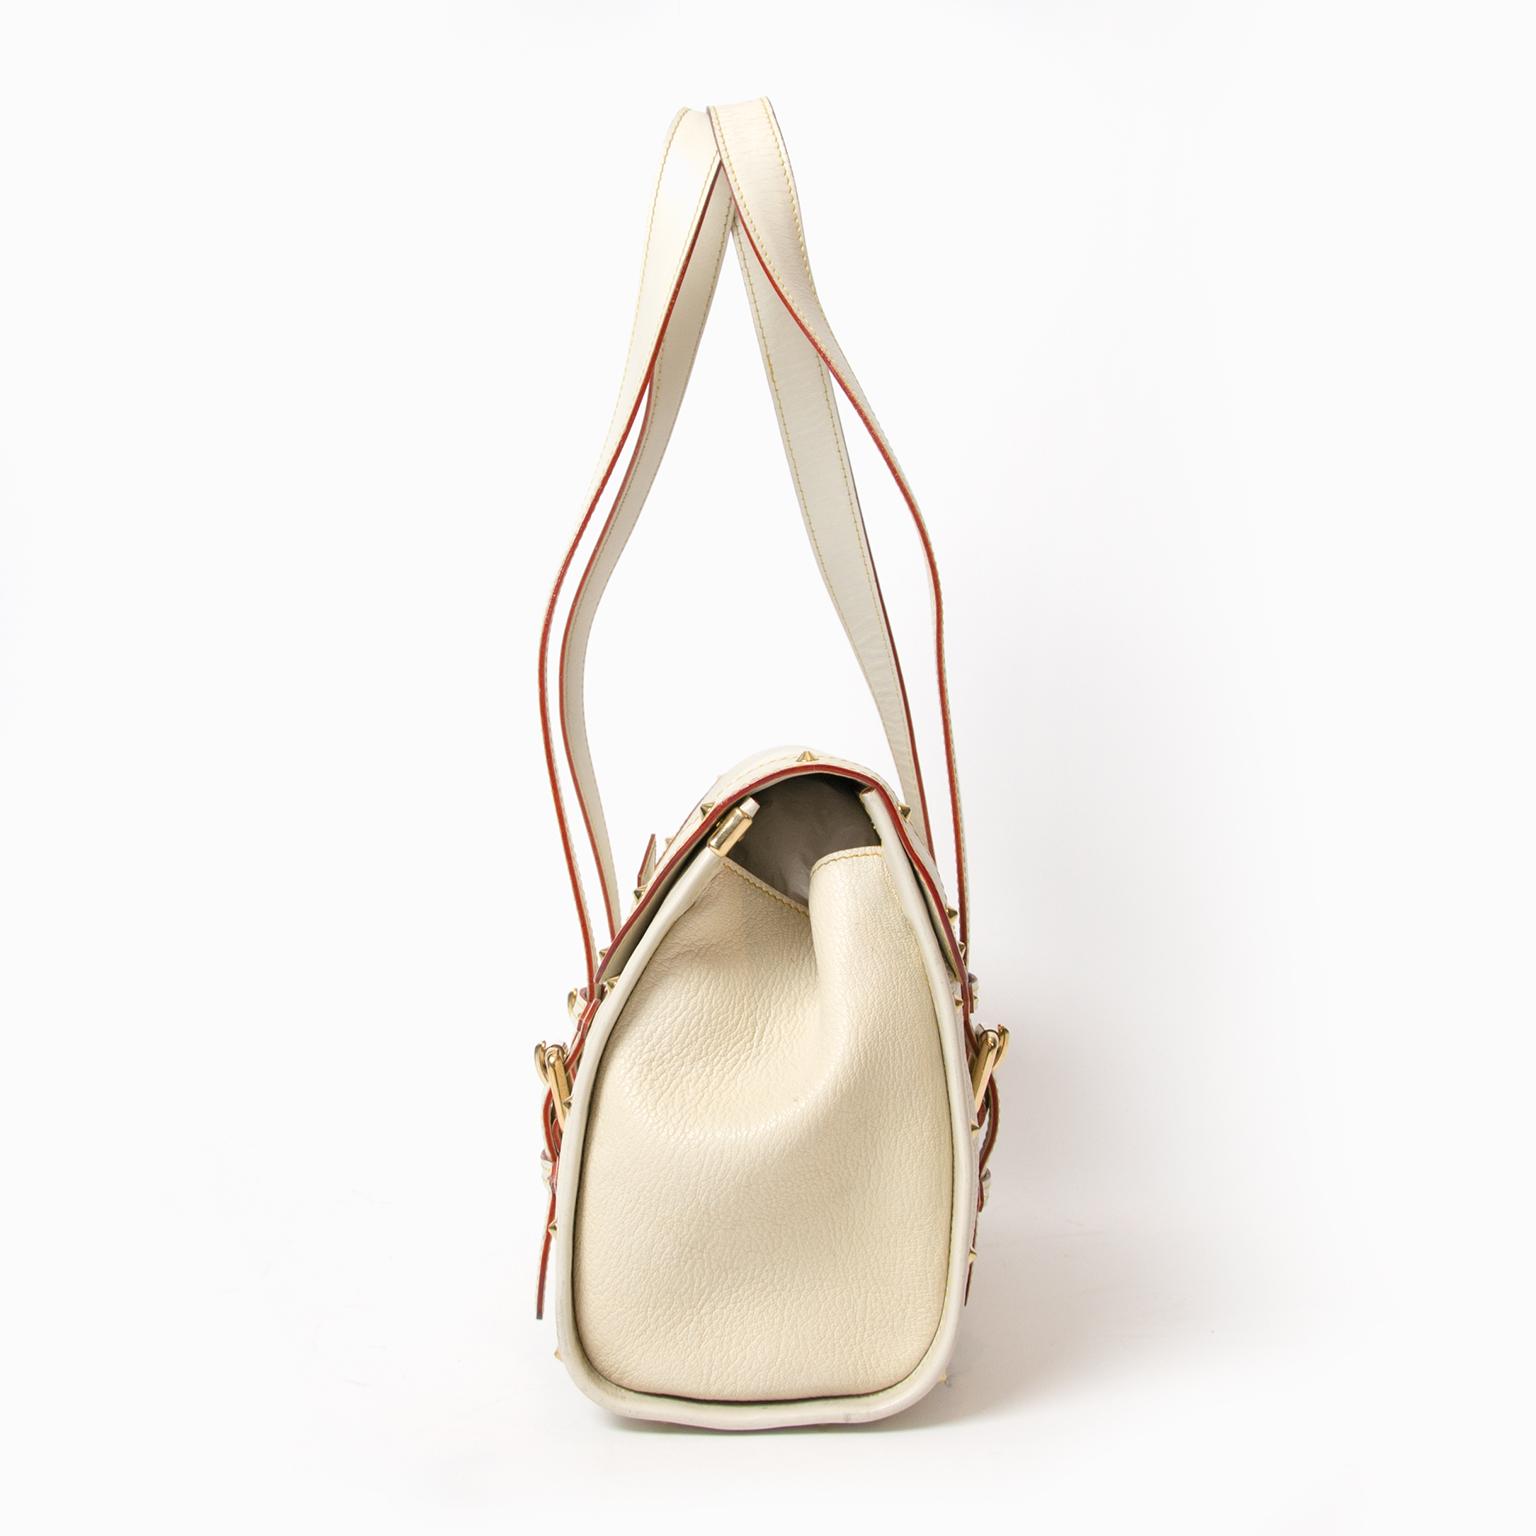 acheter en ligne seconde main  Louis Vuitton  L'Epanoui GM Bag pour le meilleur prix